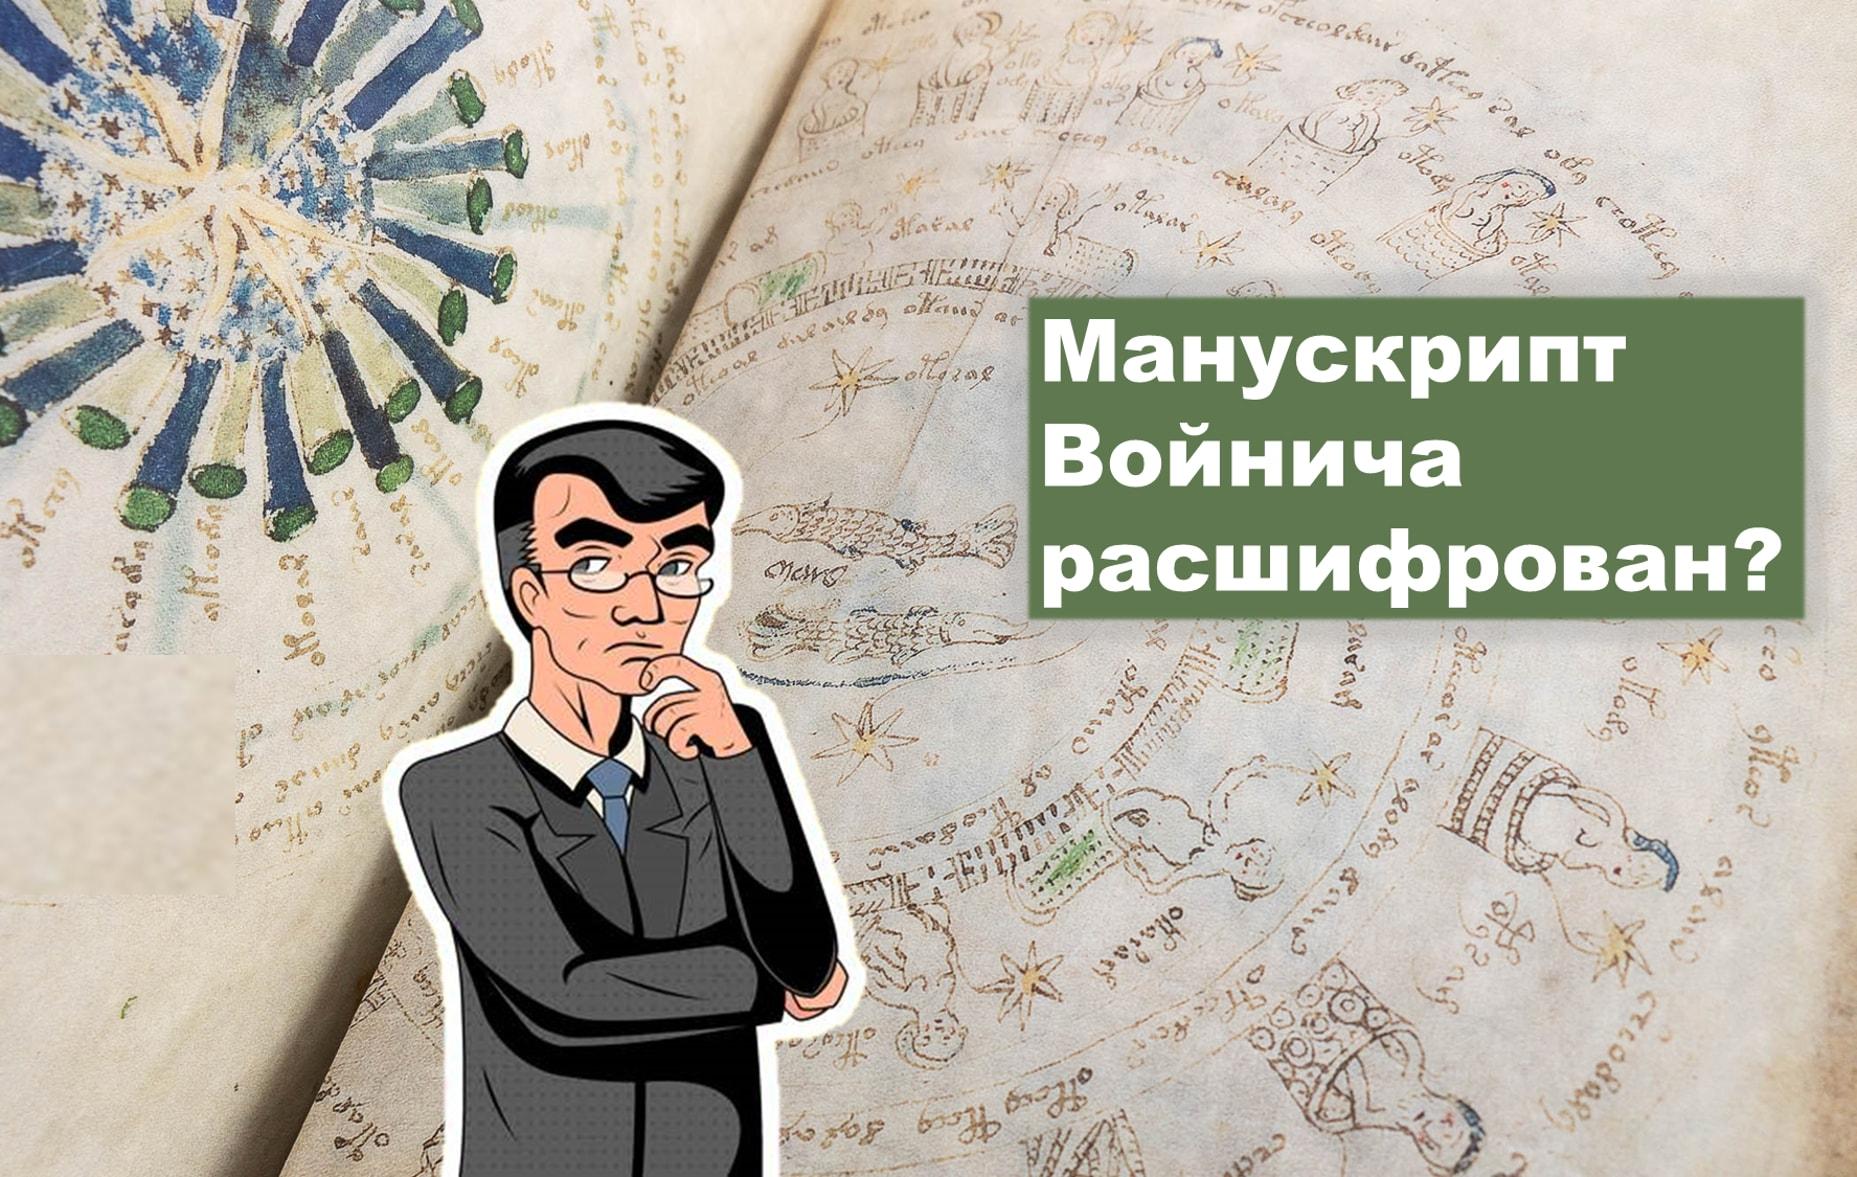 Read more about the article Решение лингвиста Чешира